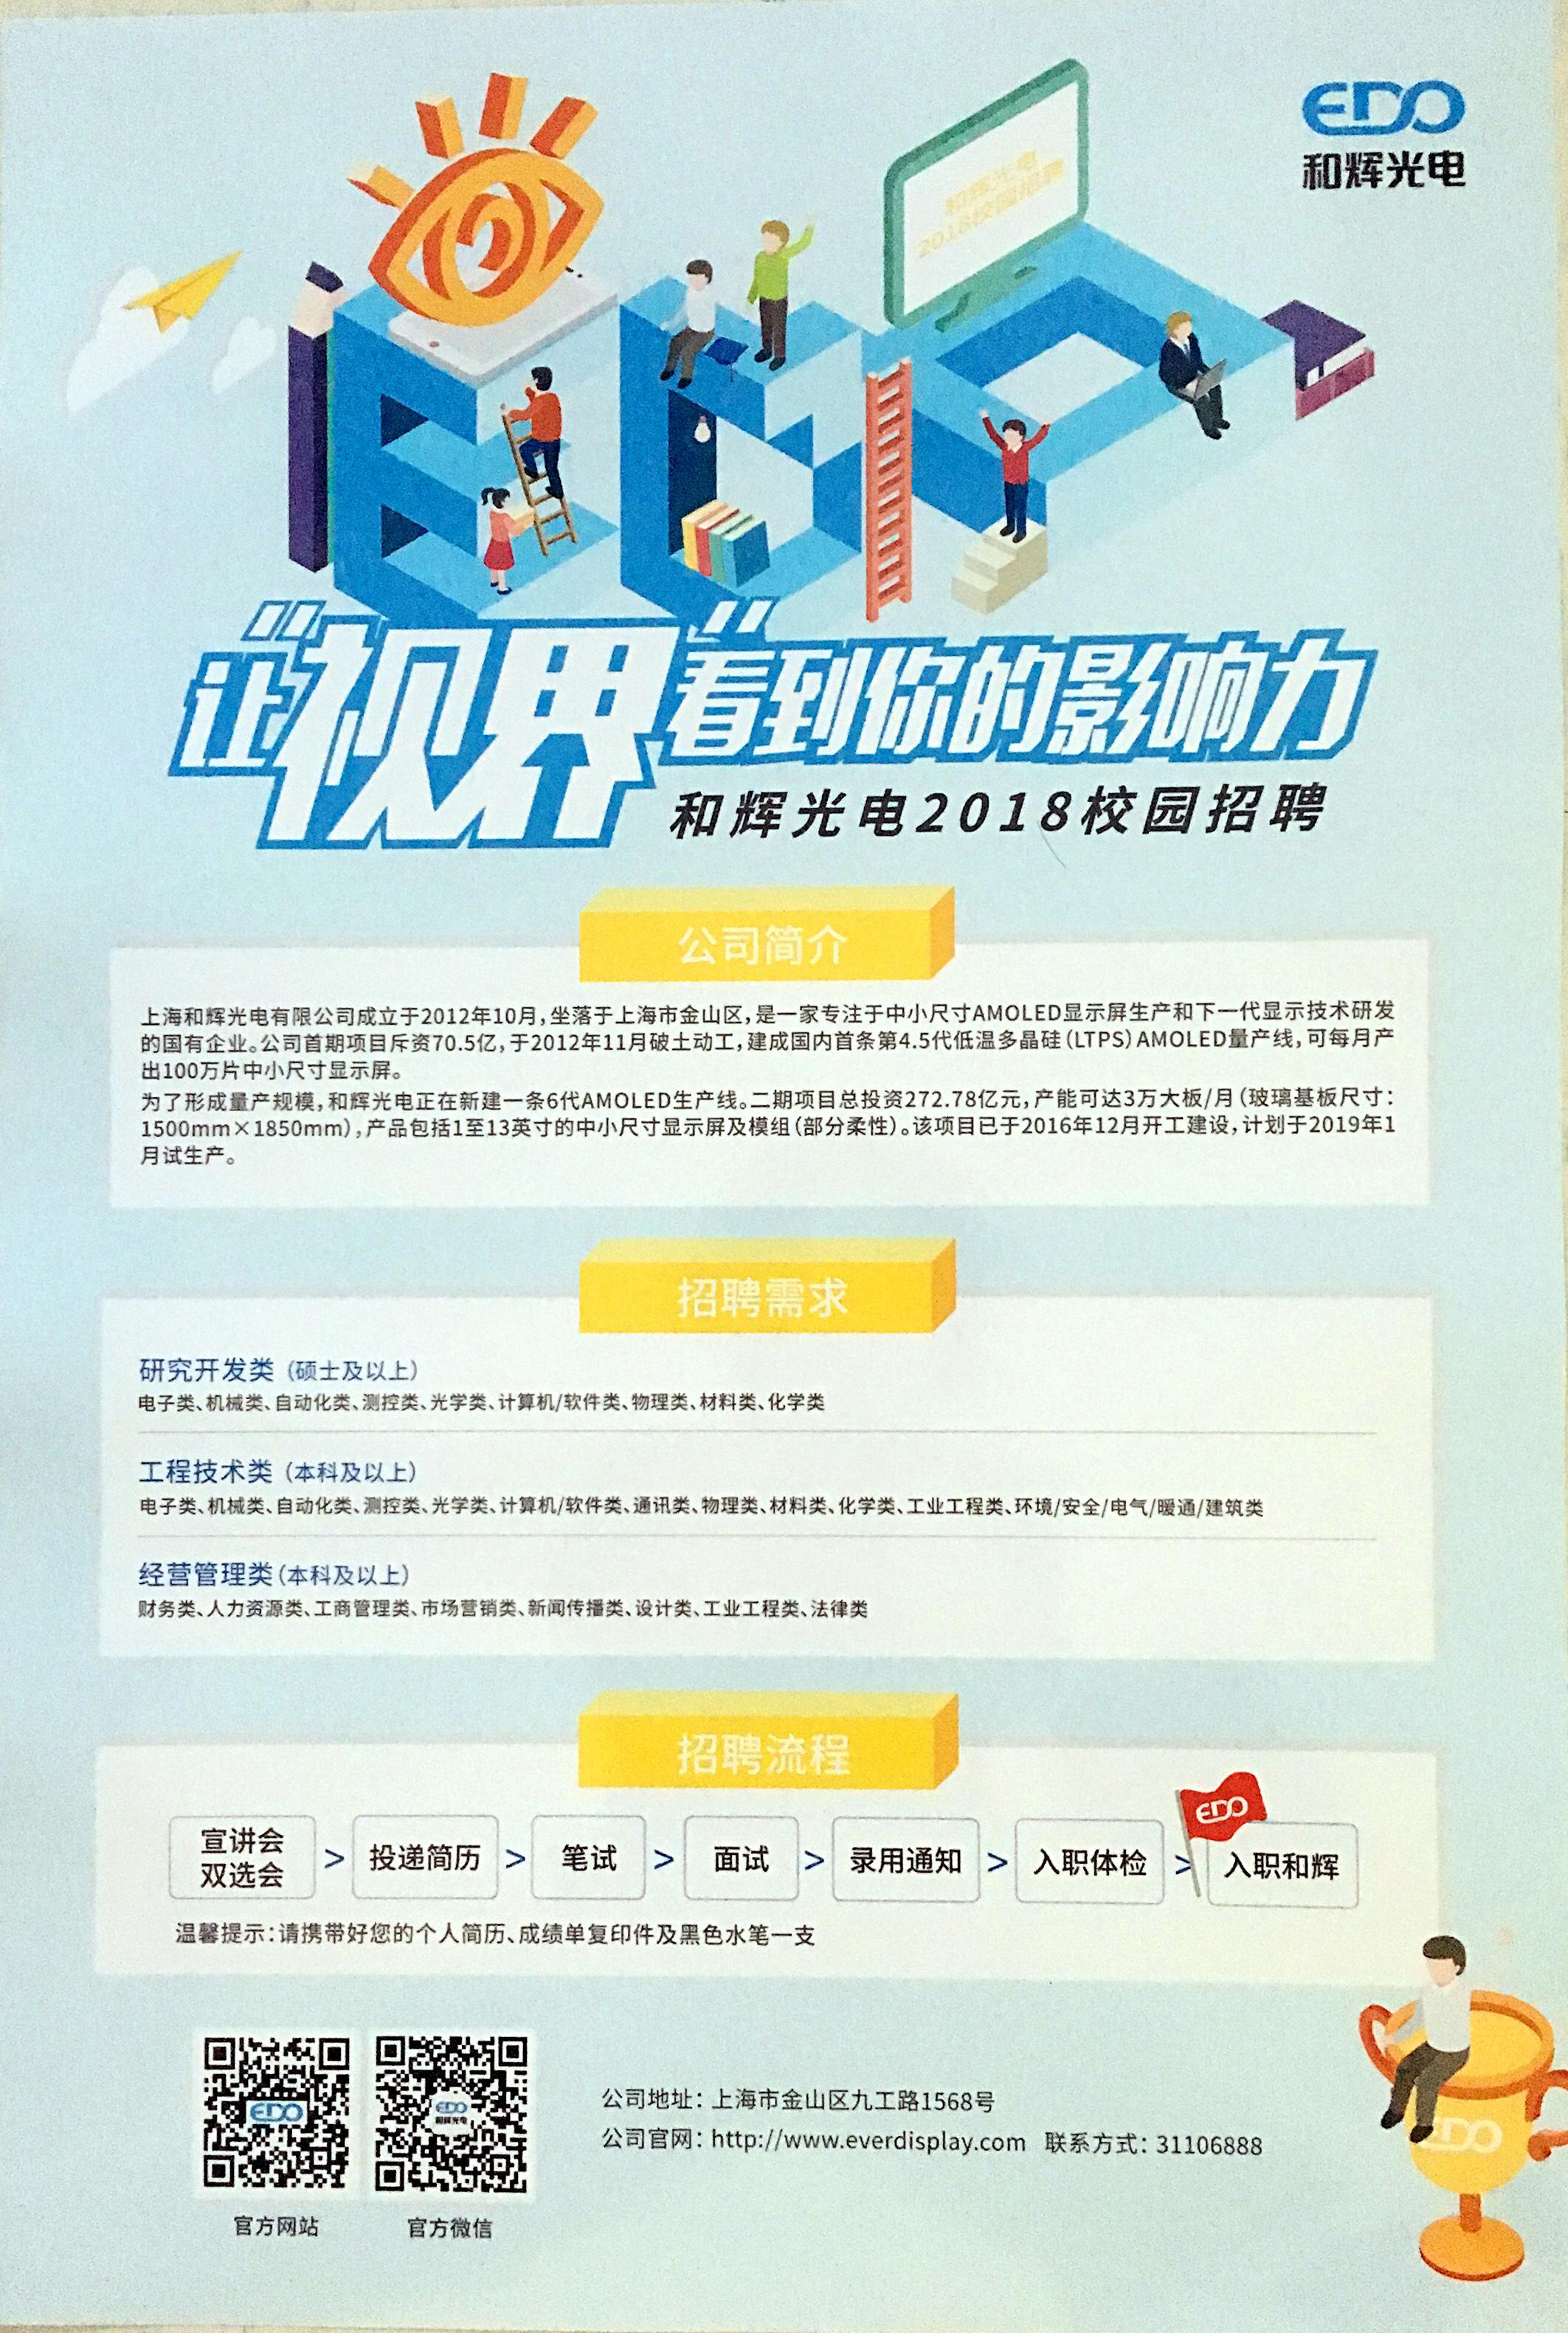 上海和辉光电有限公司宣传海报.JPG